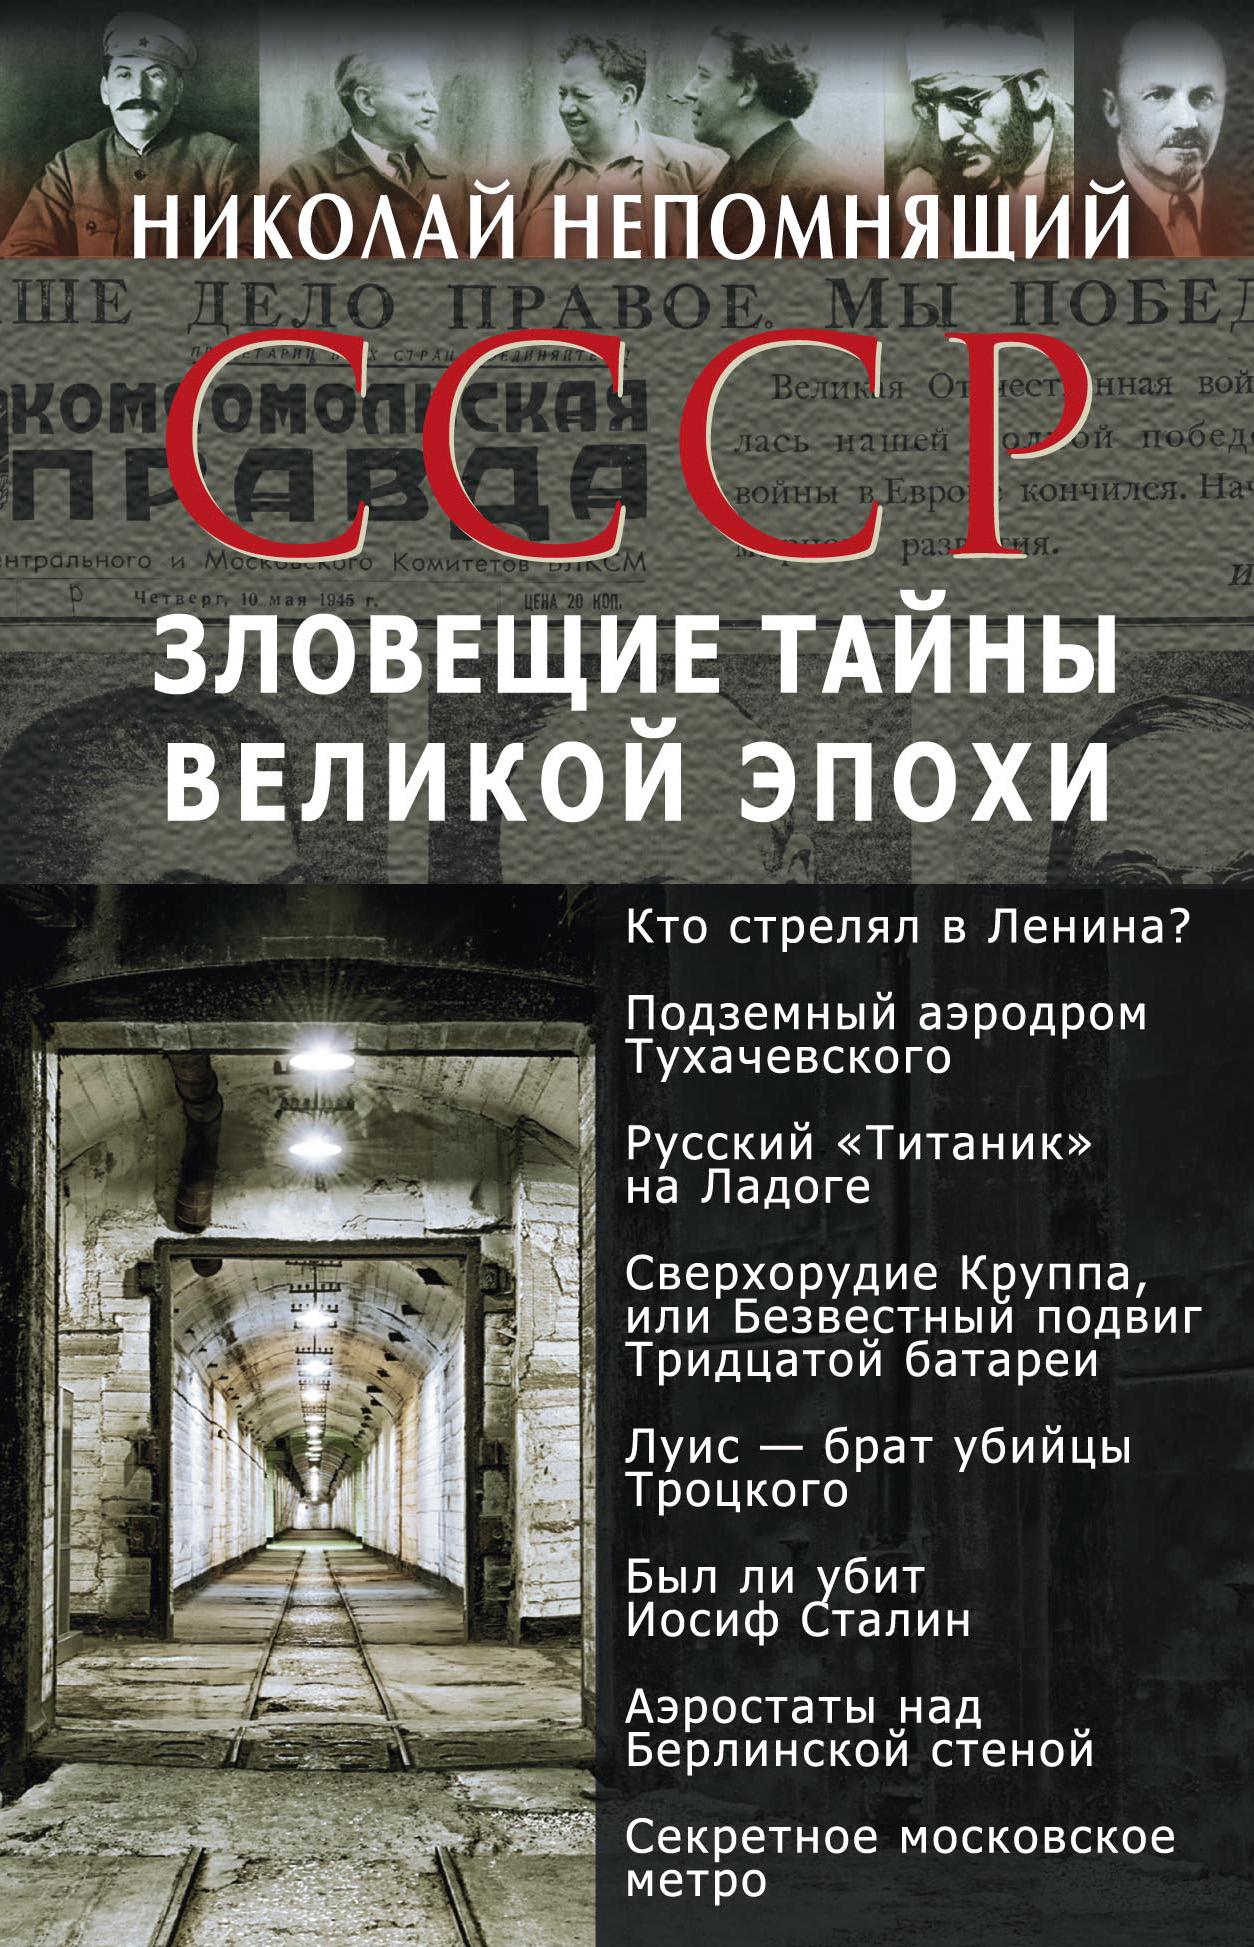 Николай Непомнящий СССР. Зловещие тайны великой эпохи